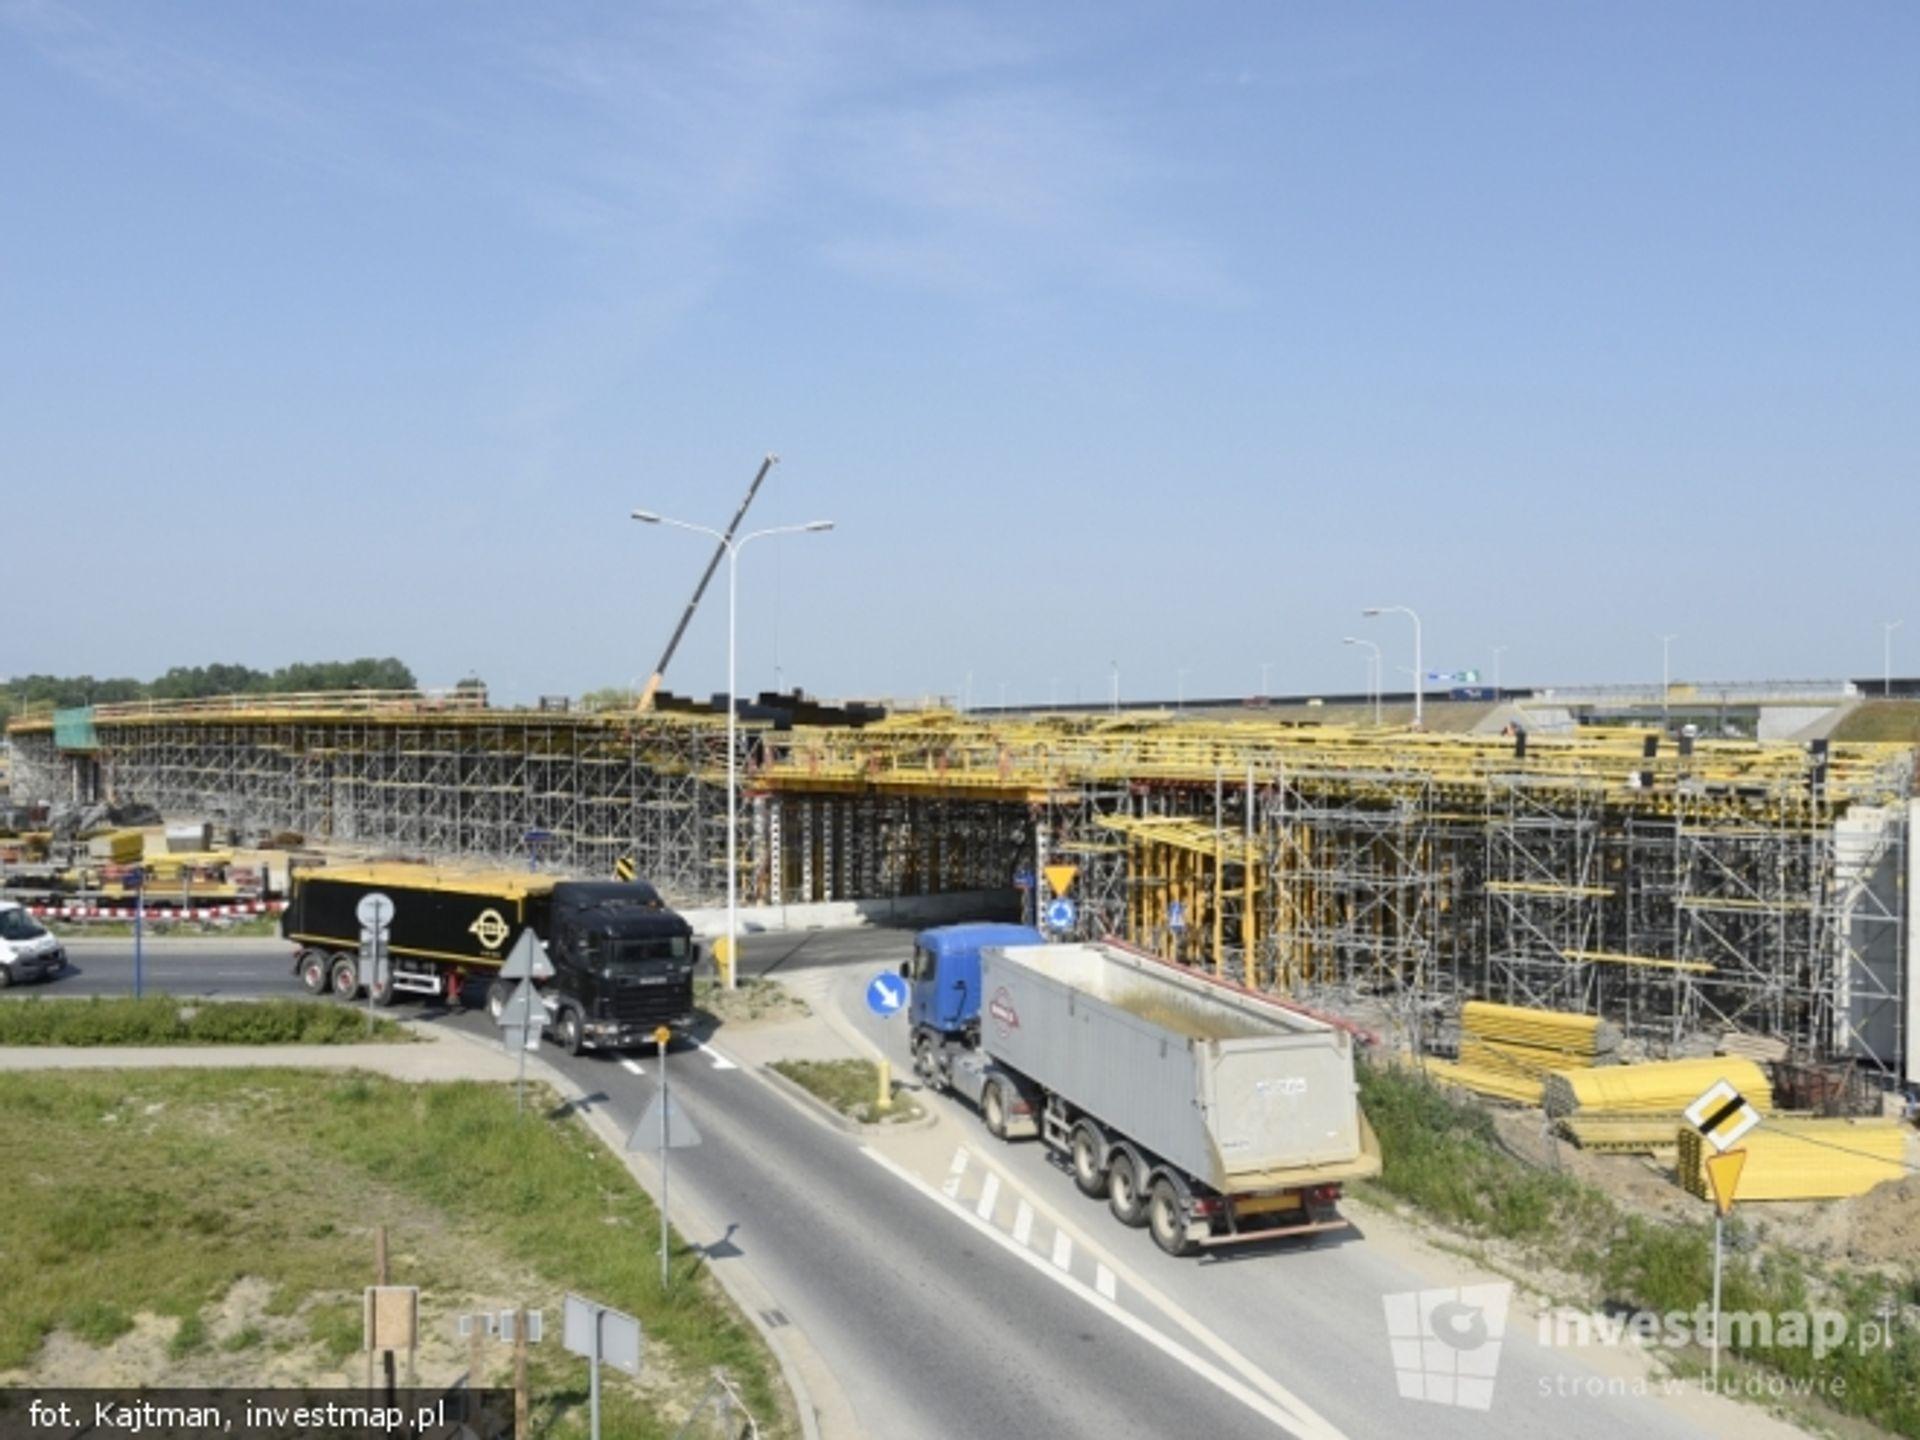 [dolnośląskie] Budowa trasy S5 coraz bardziej zaawansowana